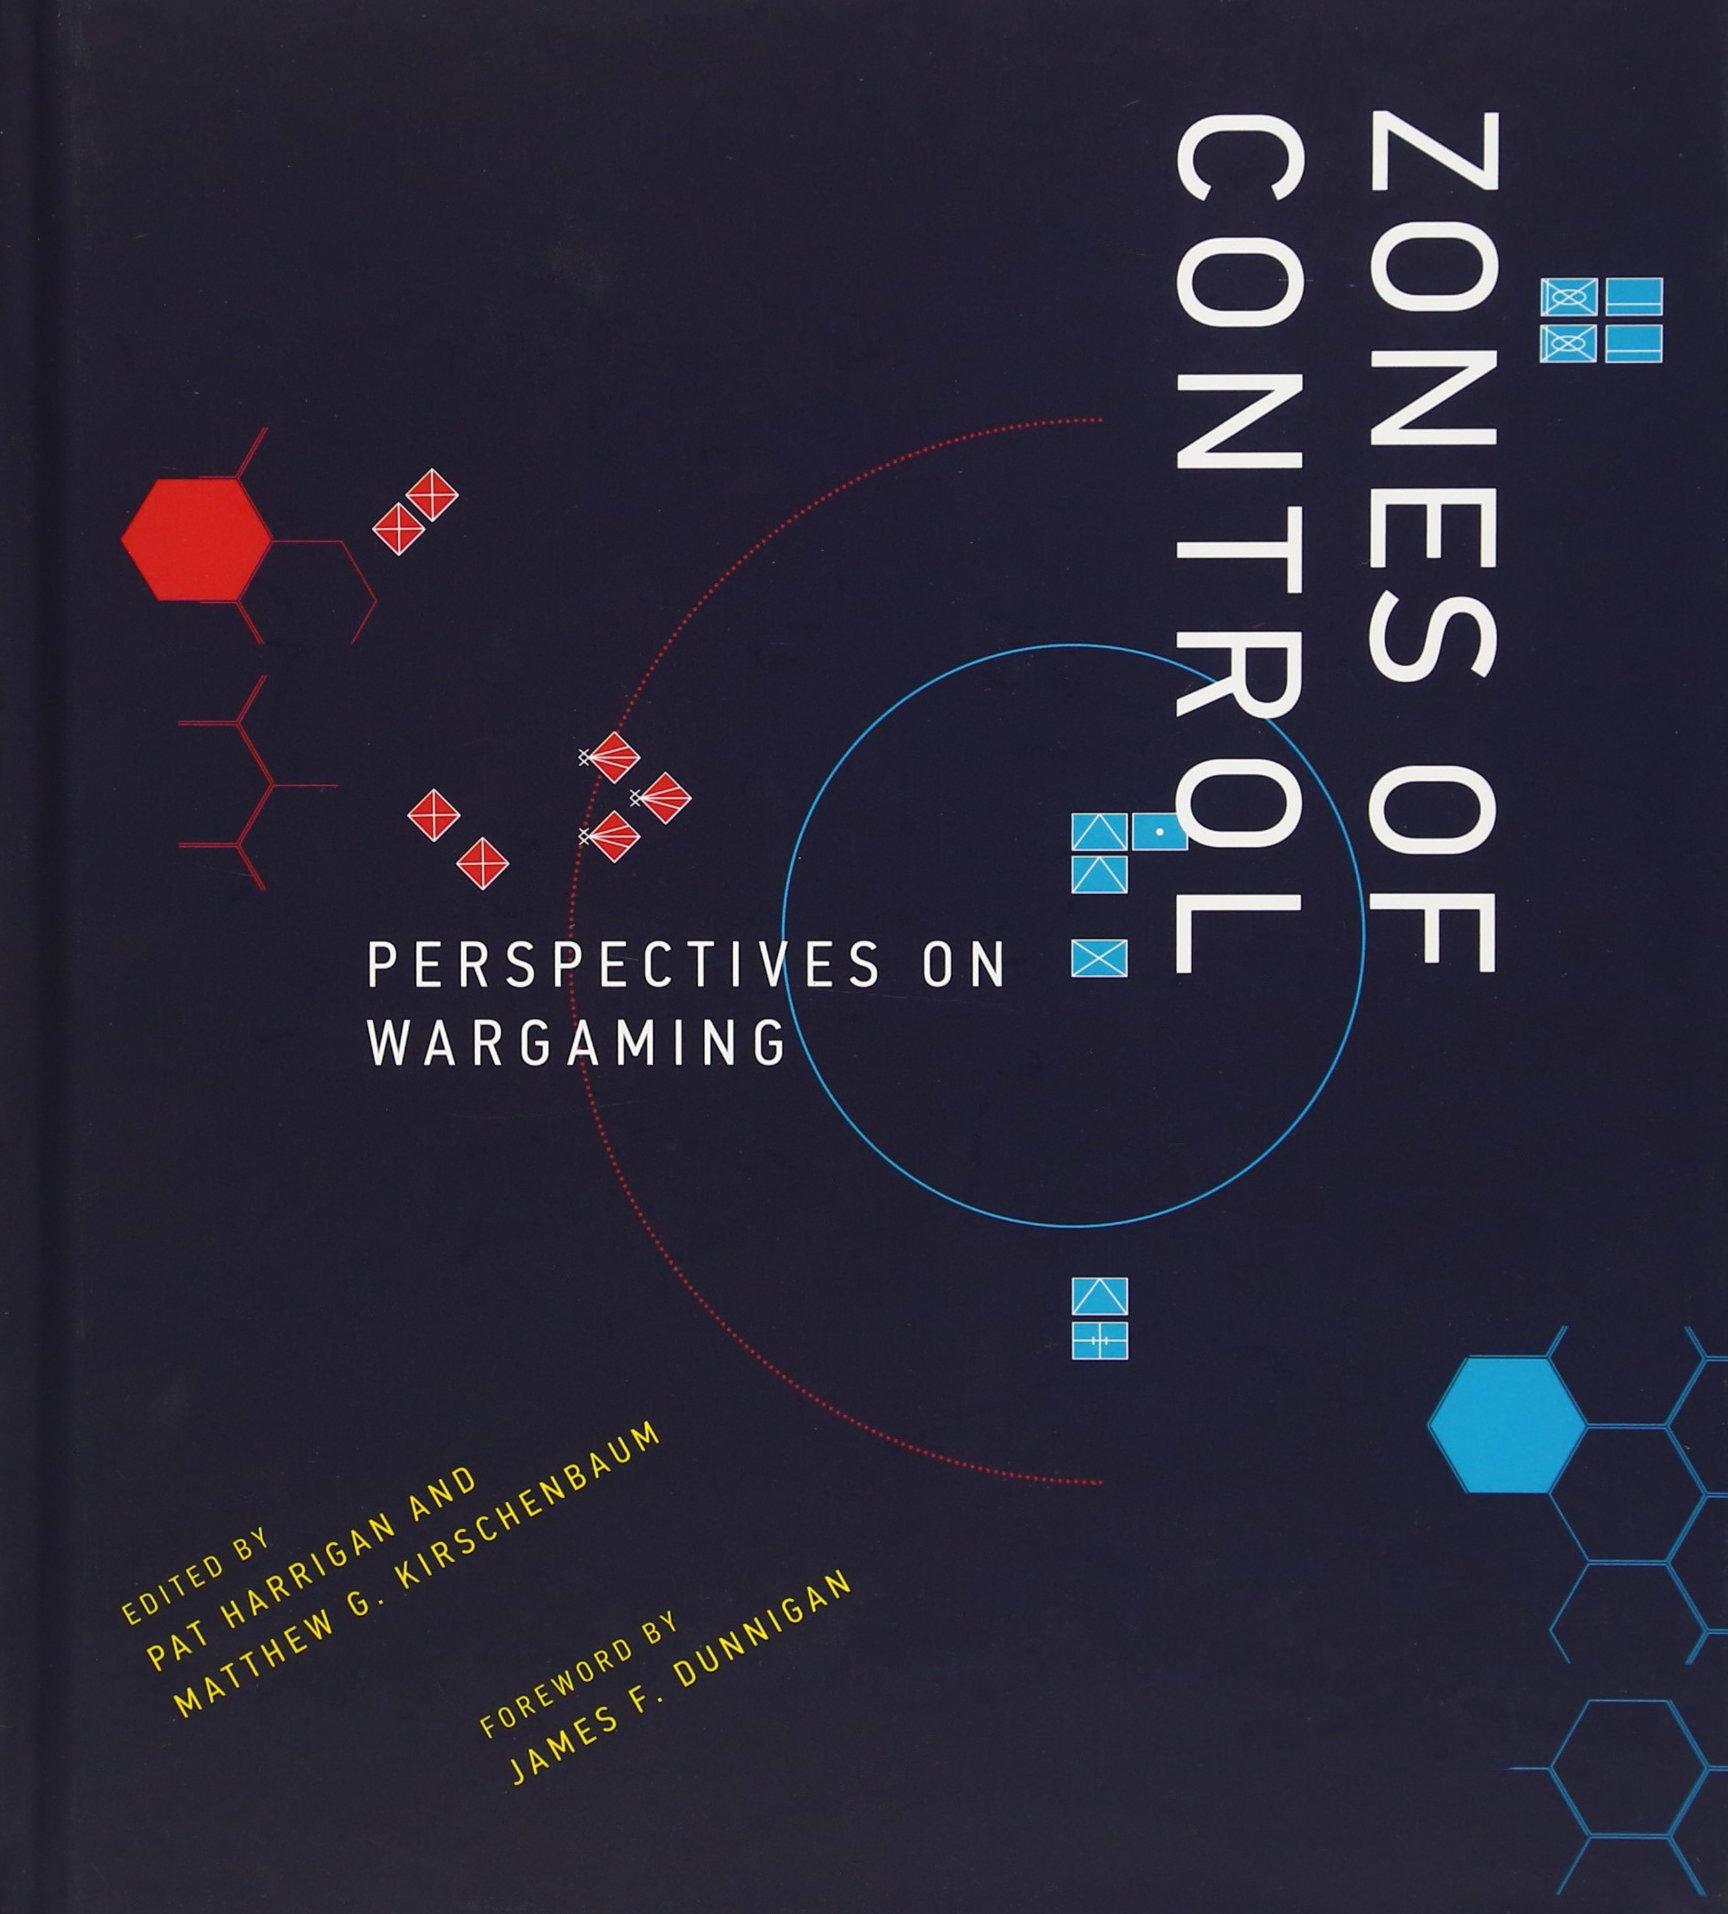 Zones Of Control: Perspectives On Wargaming (game Histories): Pat Harrigan,  Matthew G Kirschenbaum, James F Dunnigan: 9780262033992: Amazon: Books